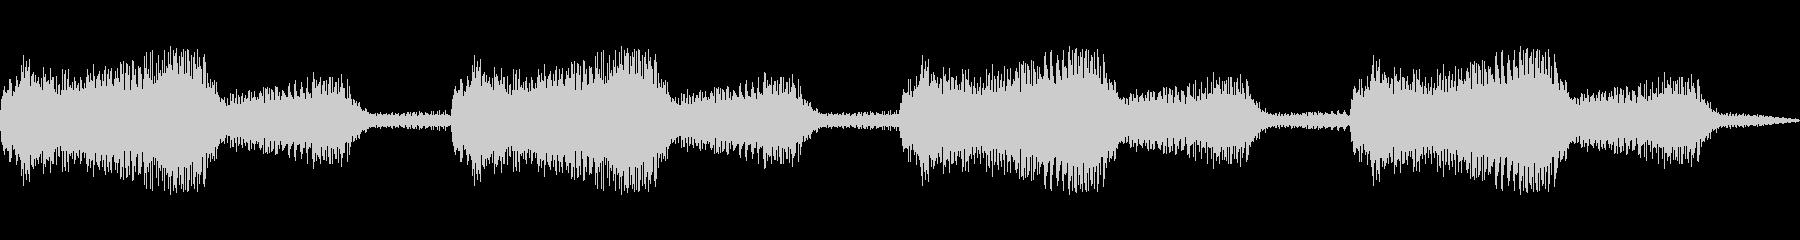 ボーンボーンン(SF風 警報 オルガン)の未再生の波形